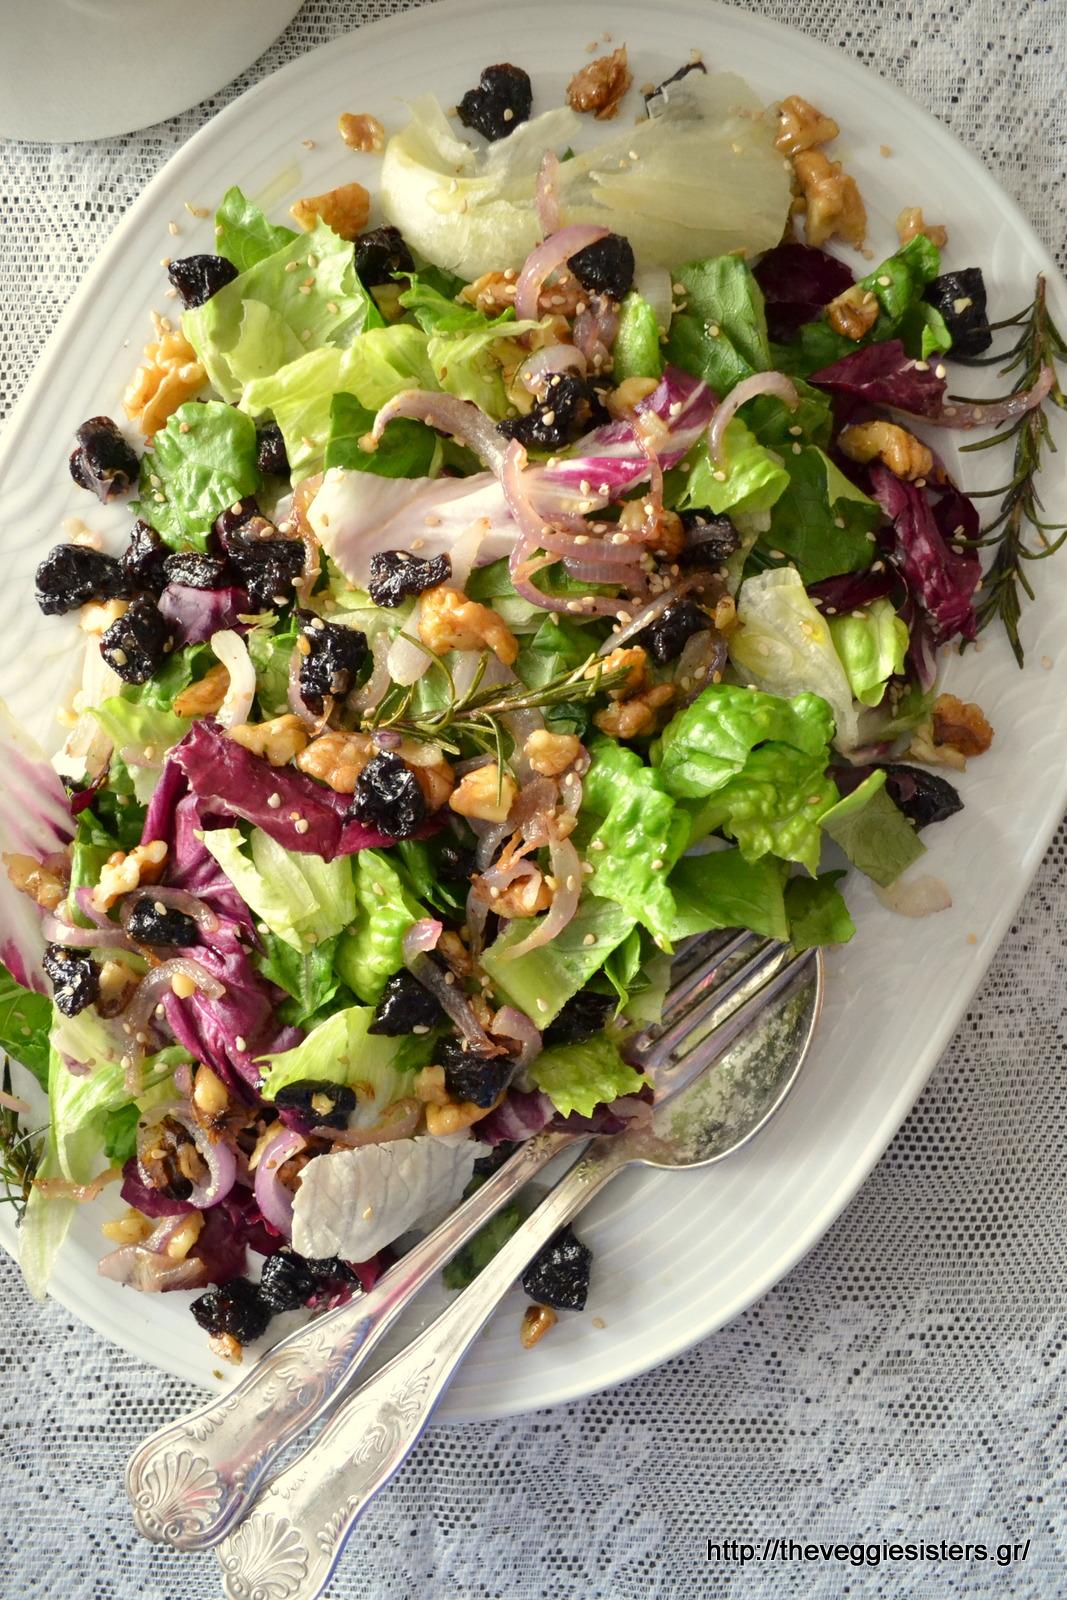 Πράσινη σαλάτα με δαμάσκηνα, καρύδια και καραμελωμένα κρεμμύδια